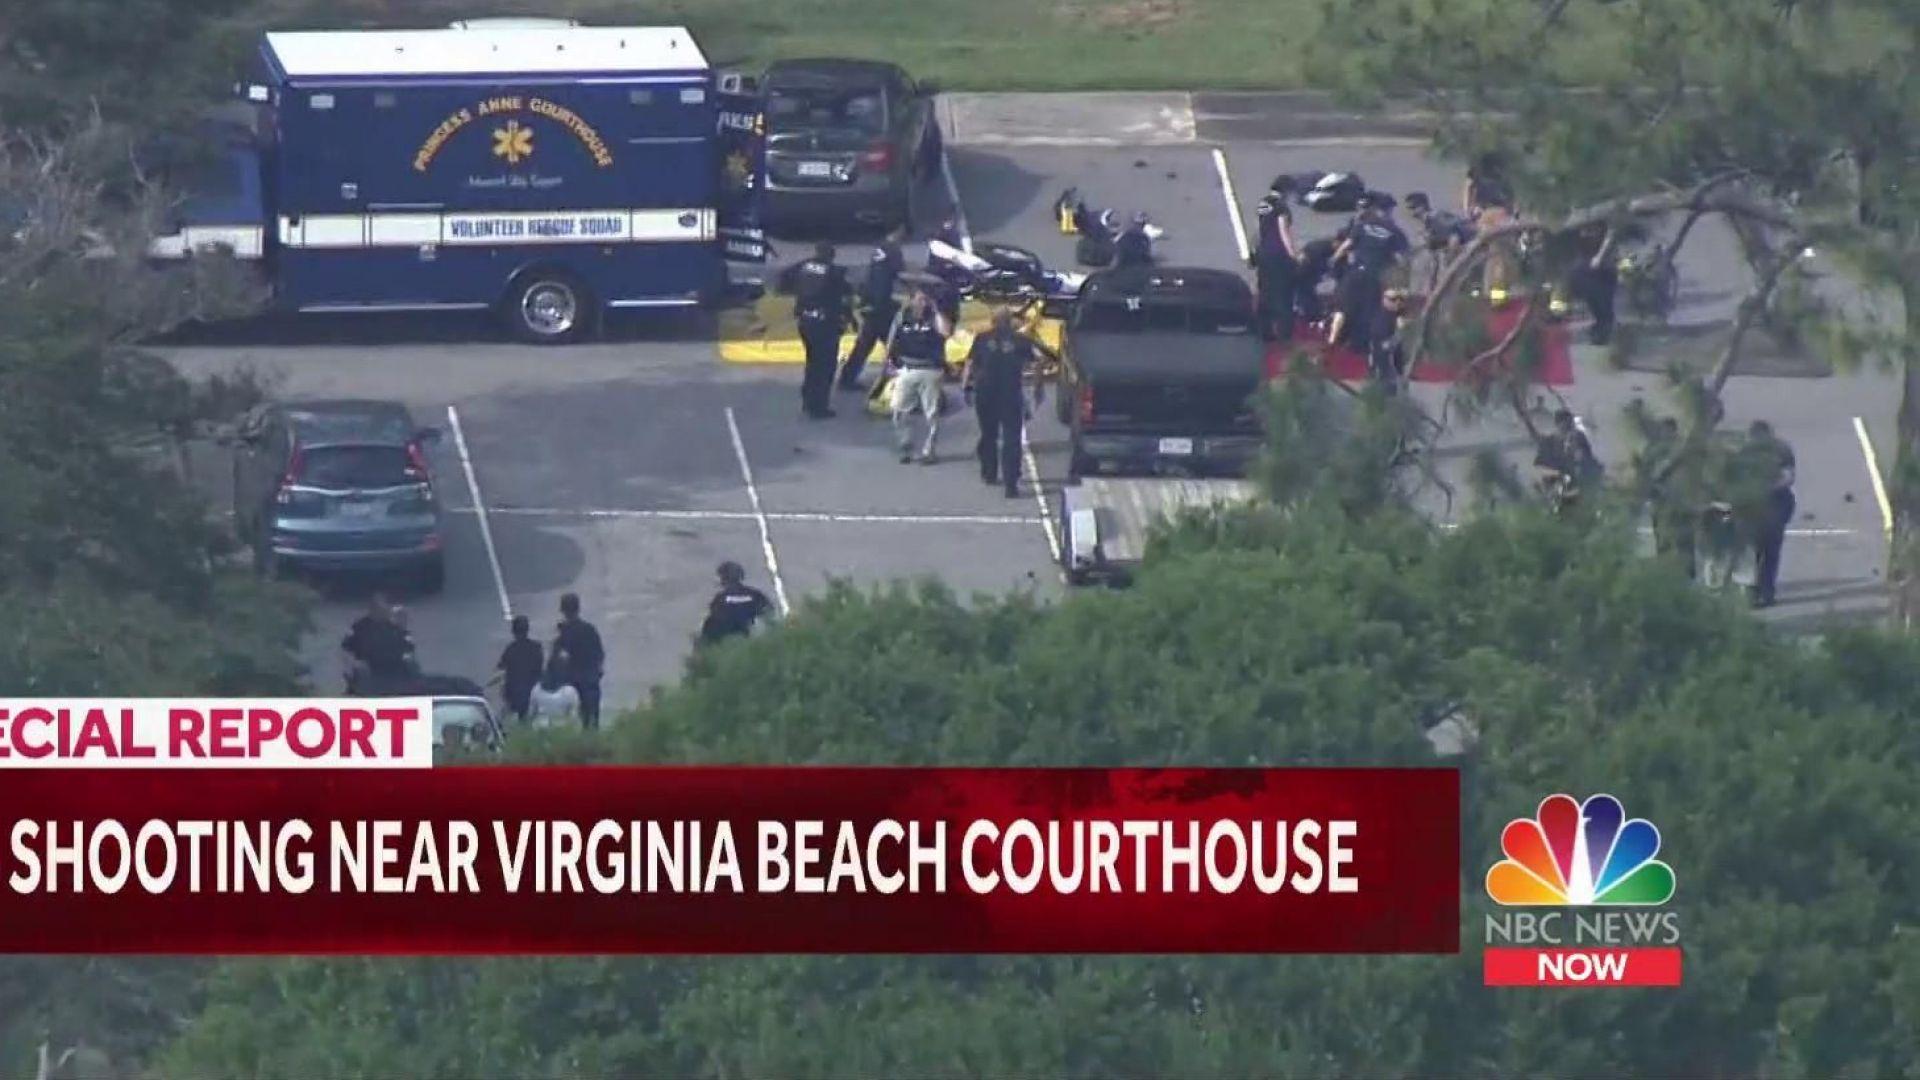 Недоволен общински служител откри стрелба в общински център във Вирджиния